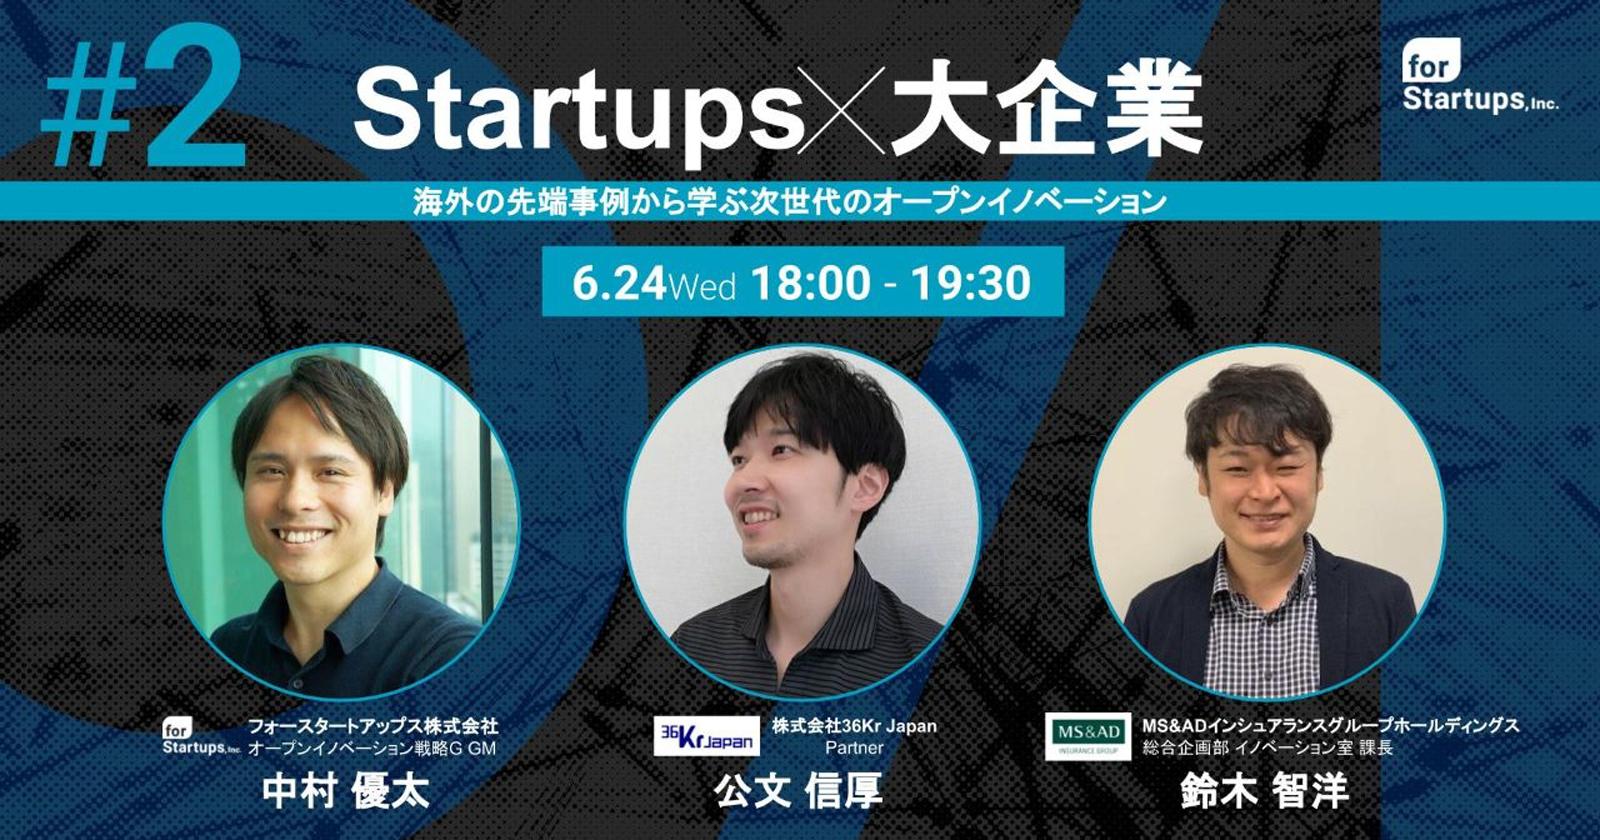 """【イベント】""""「Startups x 大企業」#2 〜海外の先端事例から学ぶ次世代のオープンイノベーション〜""""を開催しました。"""